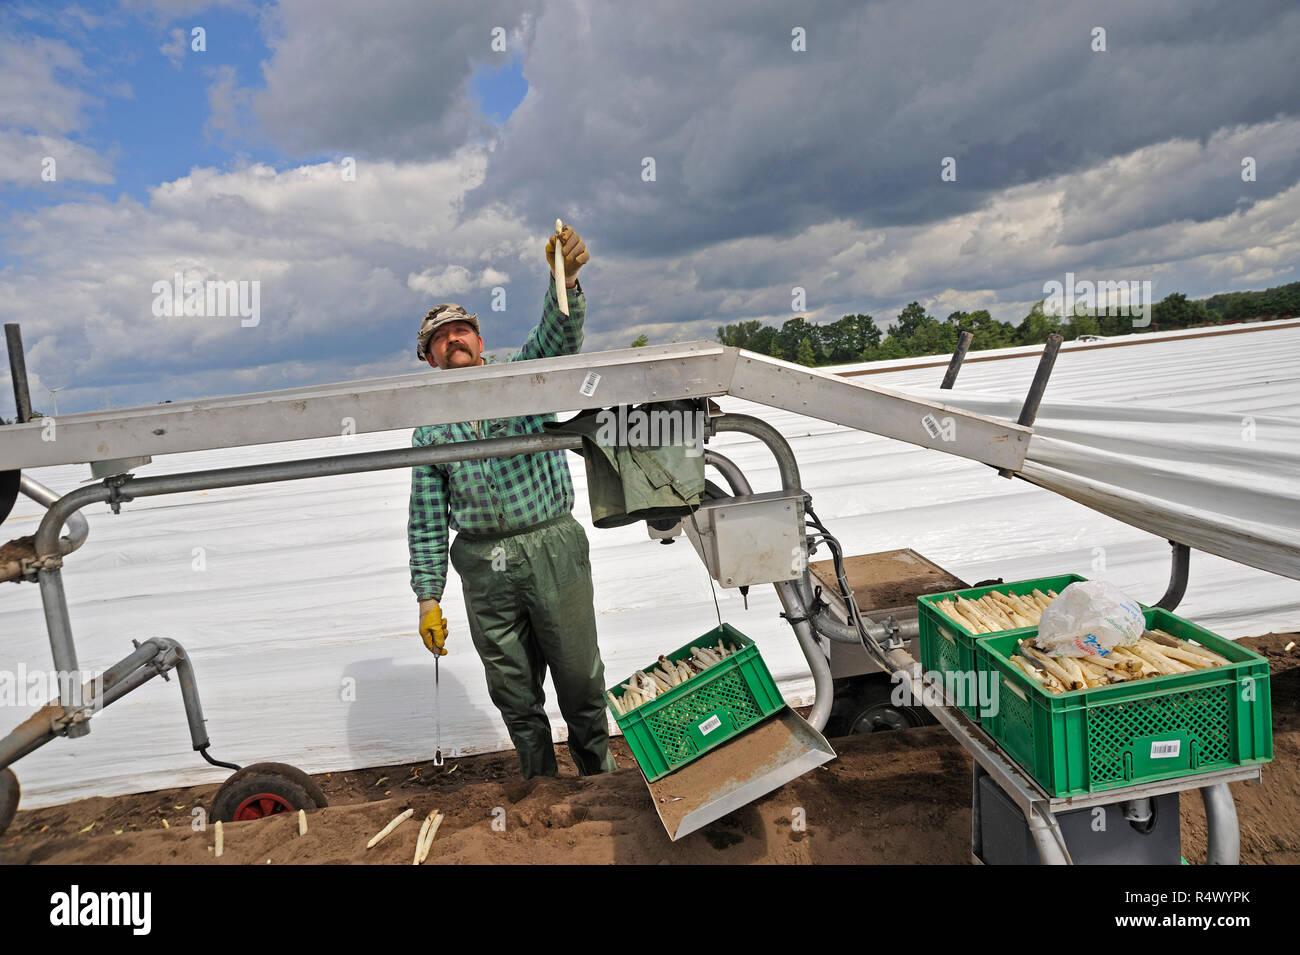 Spargelernte bei Langlingen, Kreis Celle, Niedersachsen, Deutschland, Europa | Asparagus harvest near Langlingen, district Celle, lower saxony, German - Stock Image